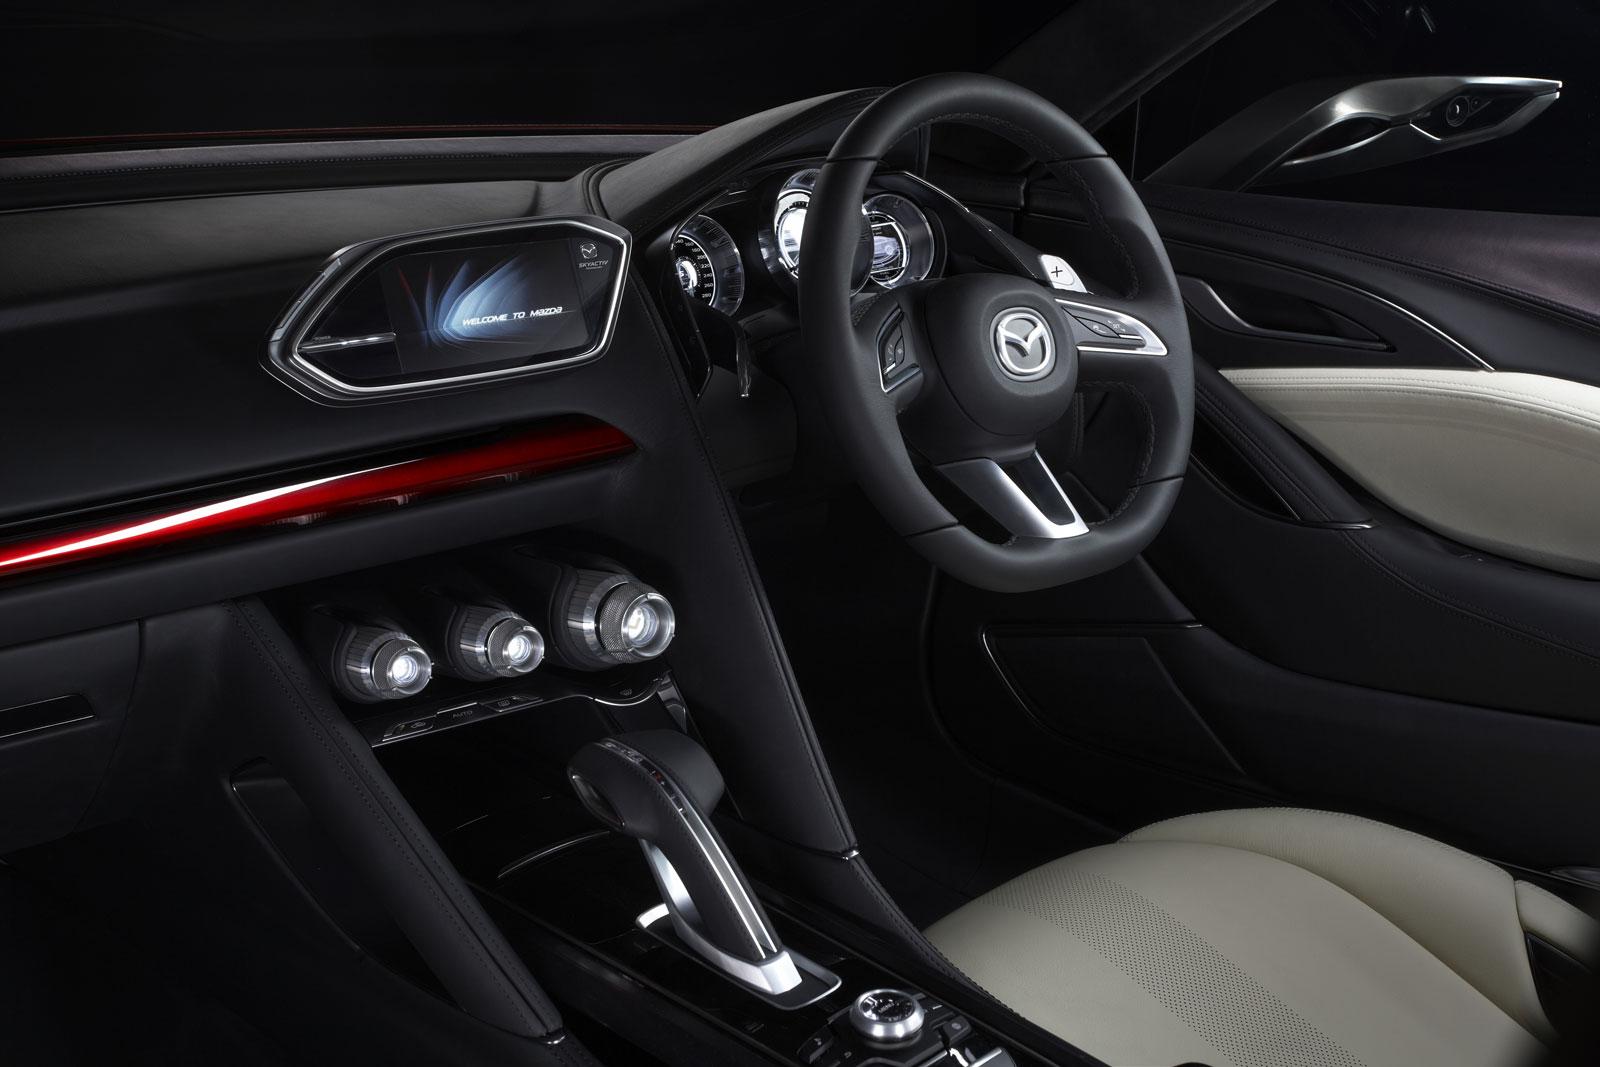 Mazda Takeri Concept Interior Rendering - Car Body Design